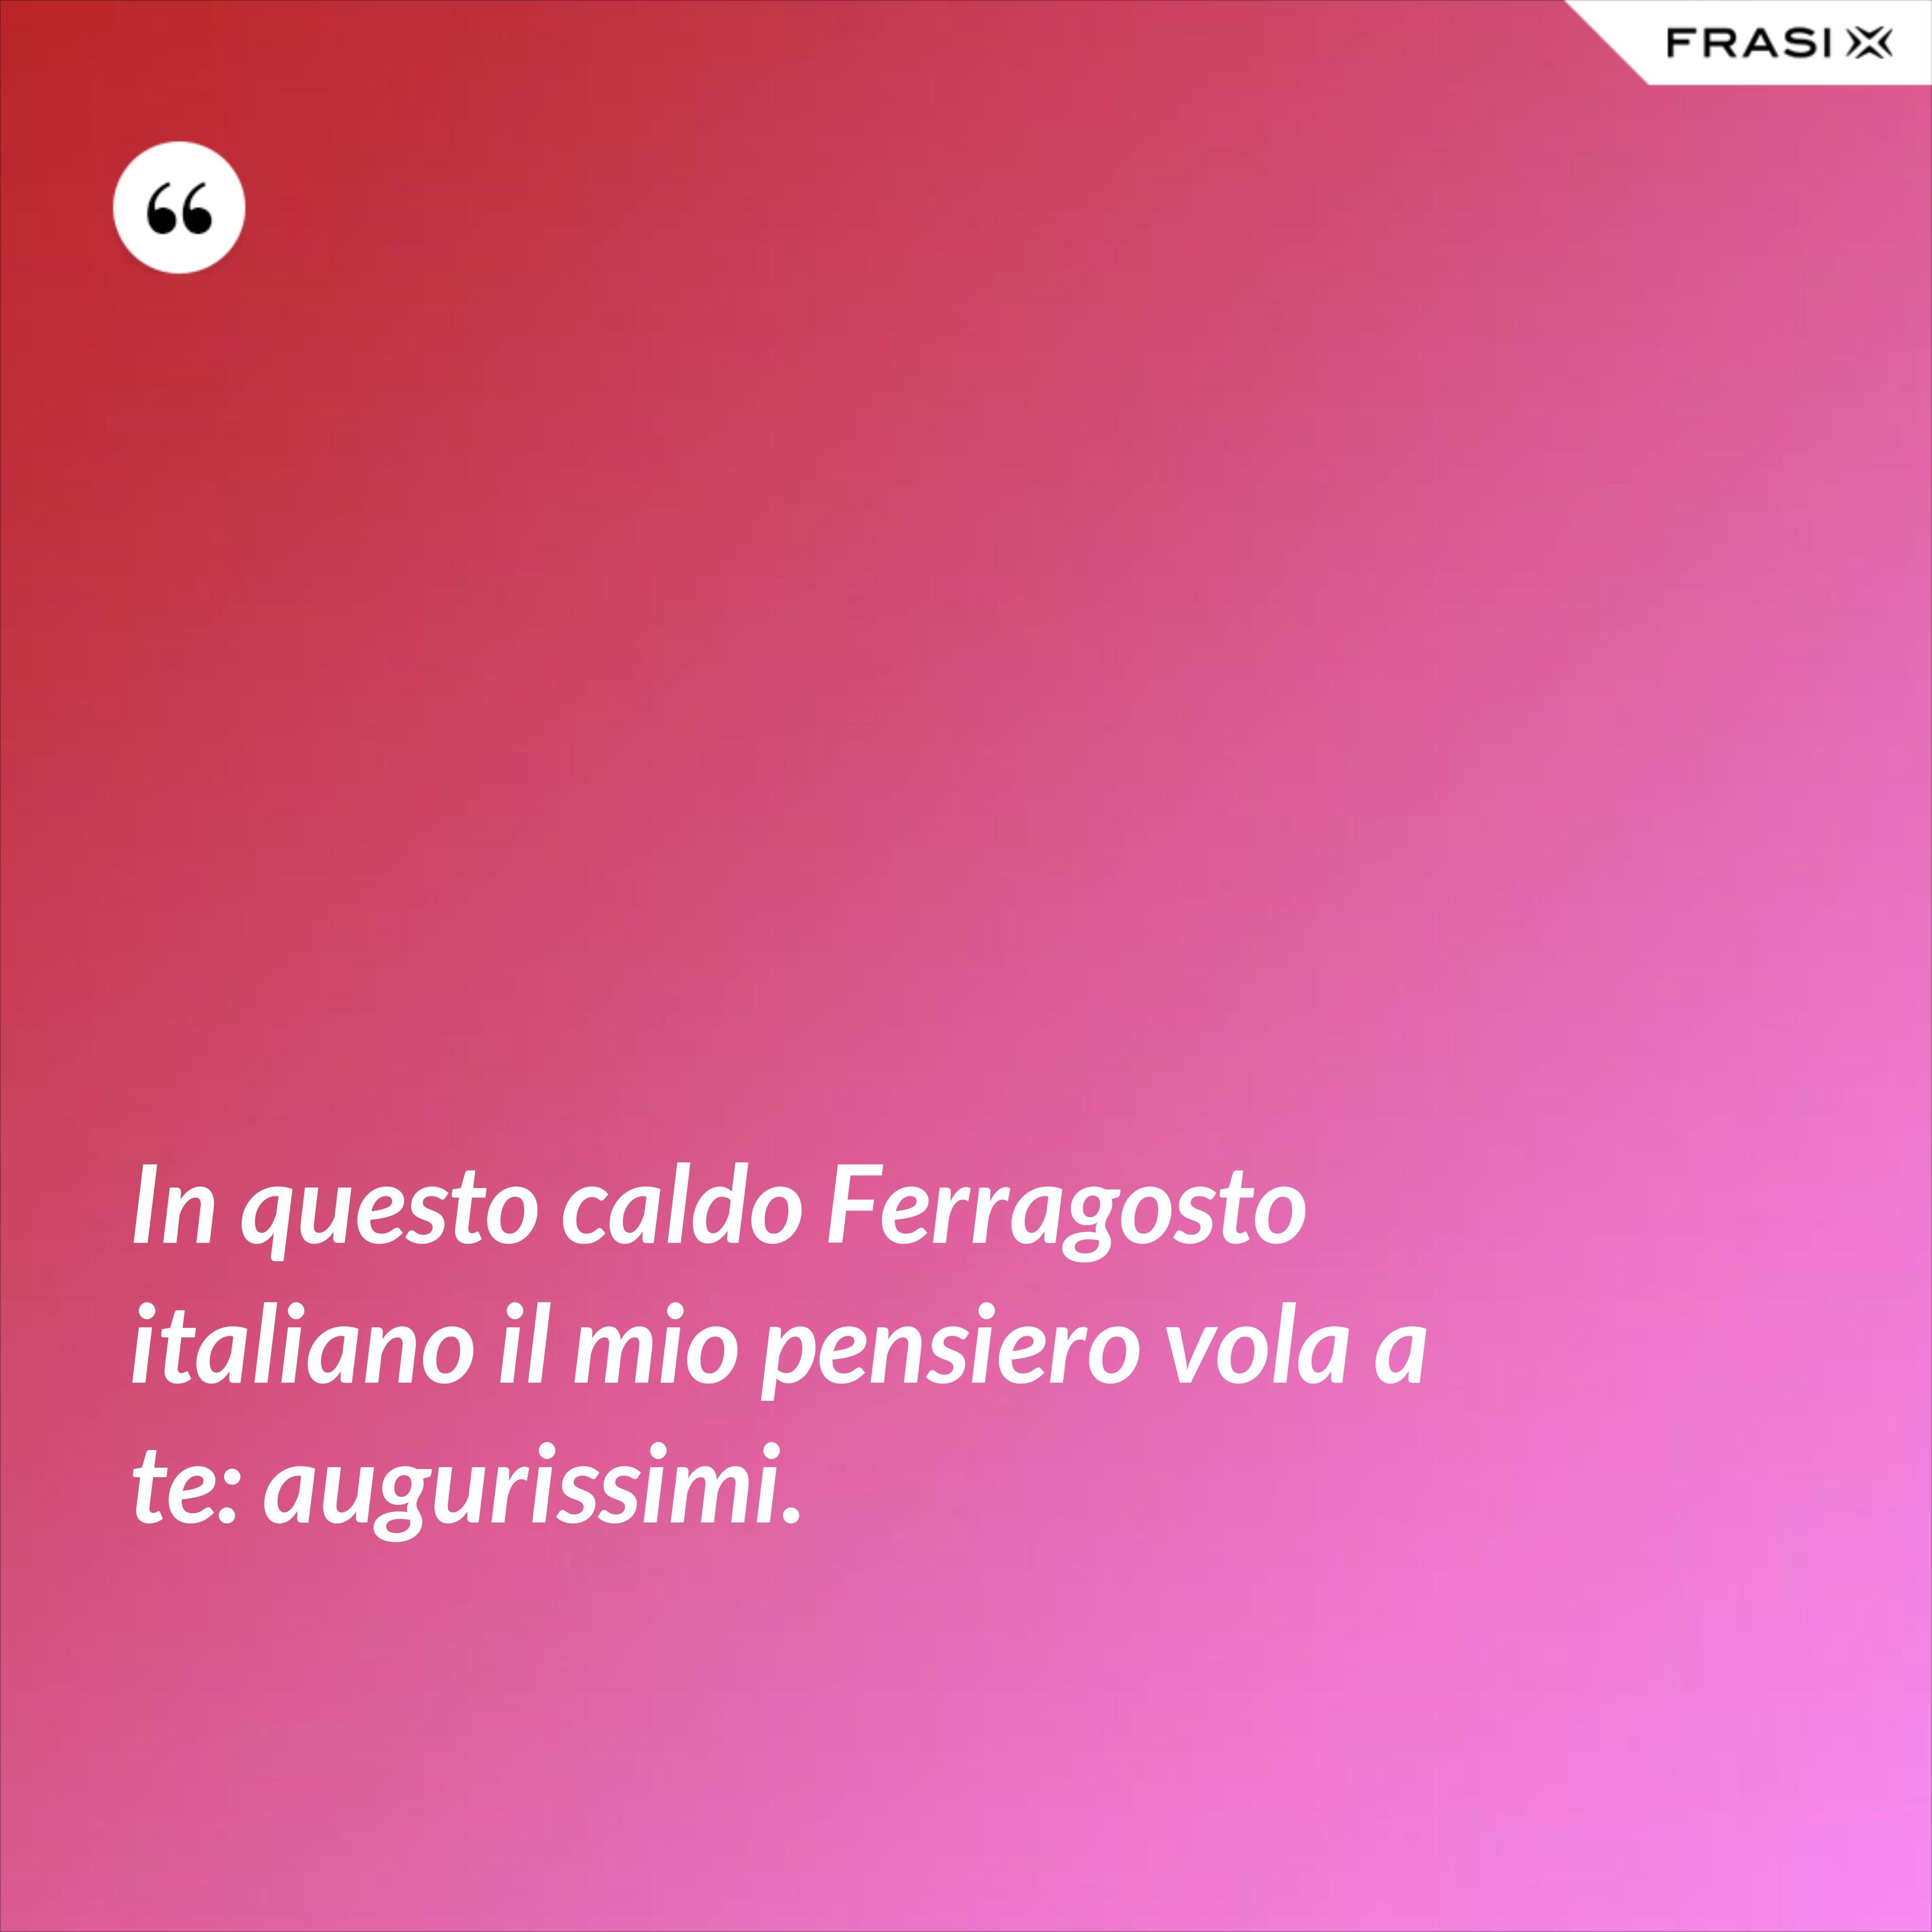 In questo caldo Ferragosto italiano il mio pensiero vola a te: augurissimi. - Anonimo